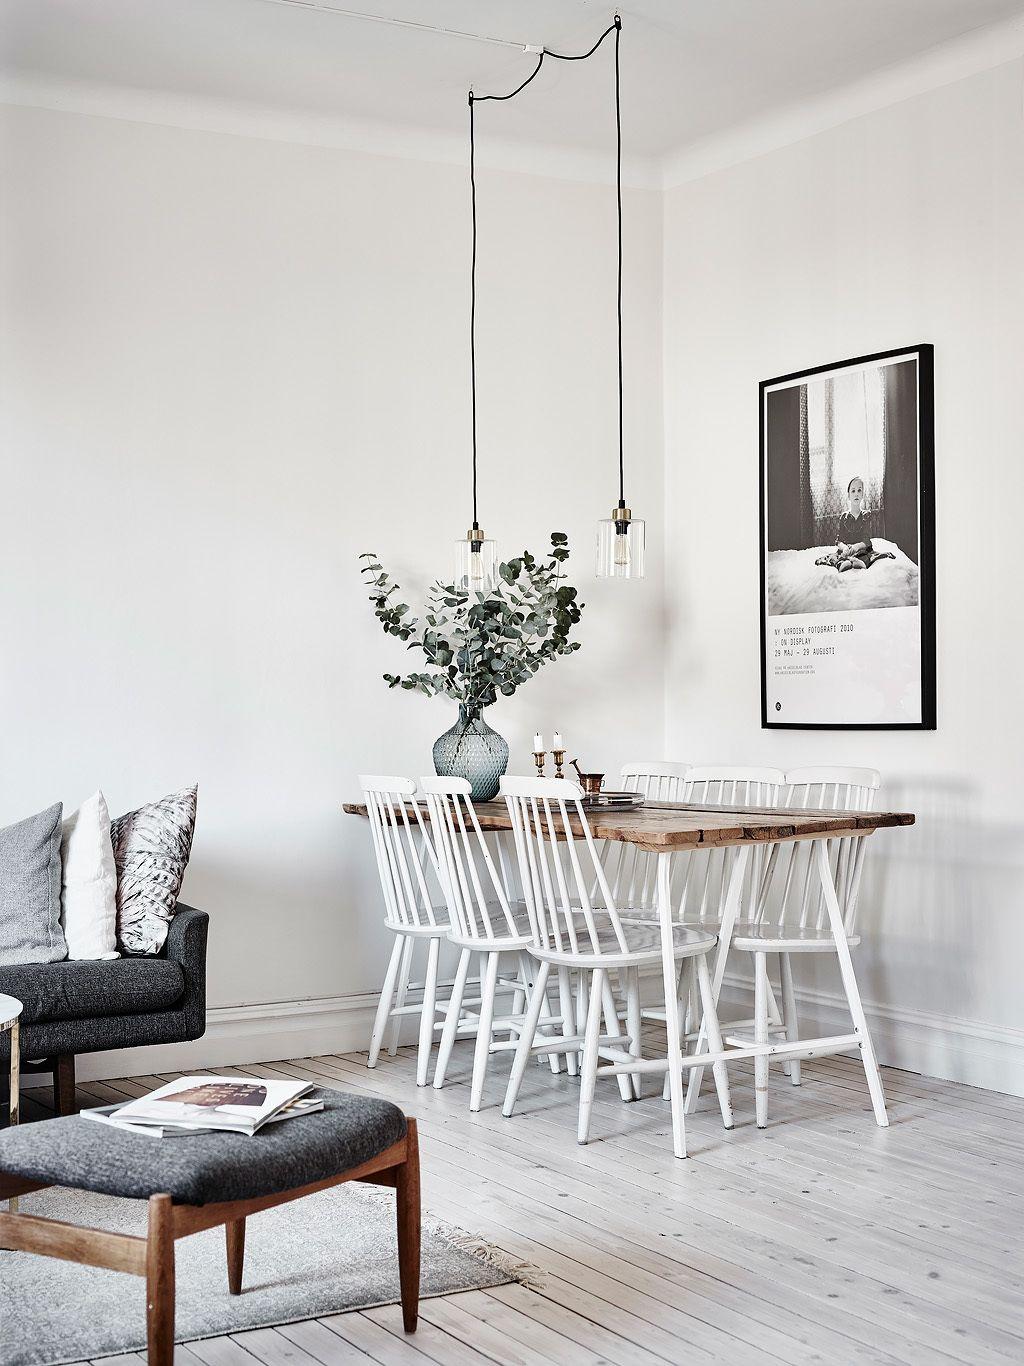 AuBergewohnlich Wunderschönes, Weißes Esszimmer Mit Holzmöbeln #Esszimmer #weiß #Holz